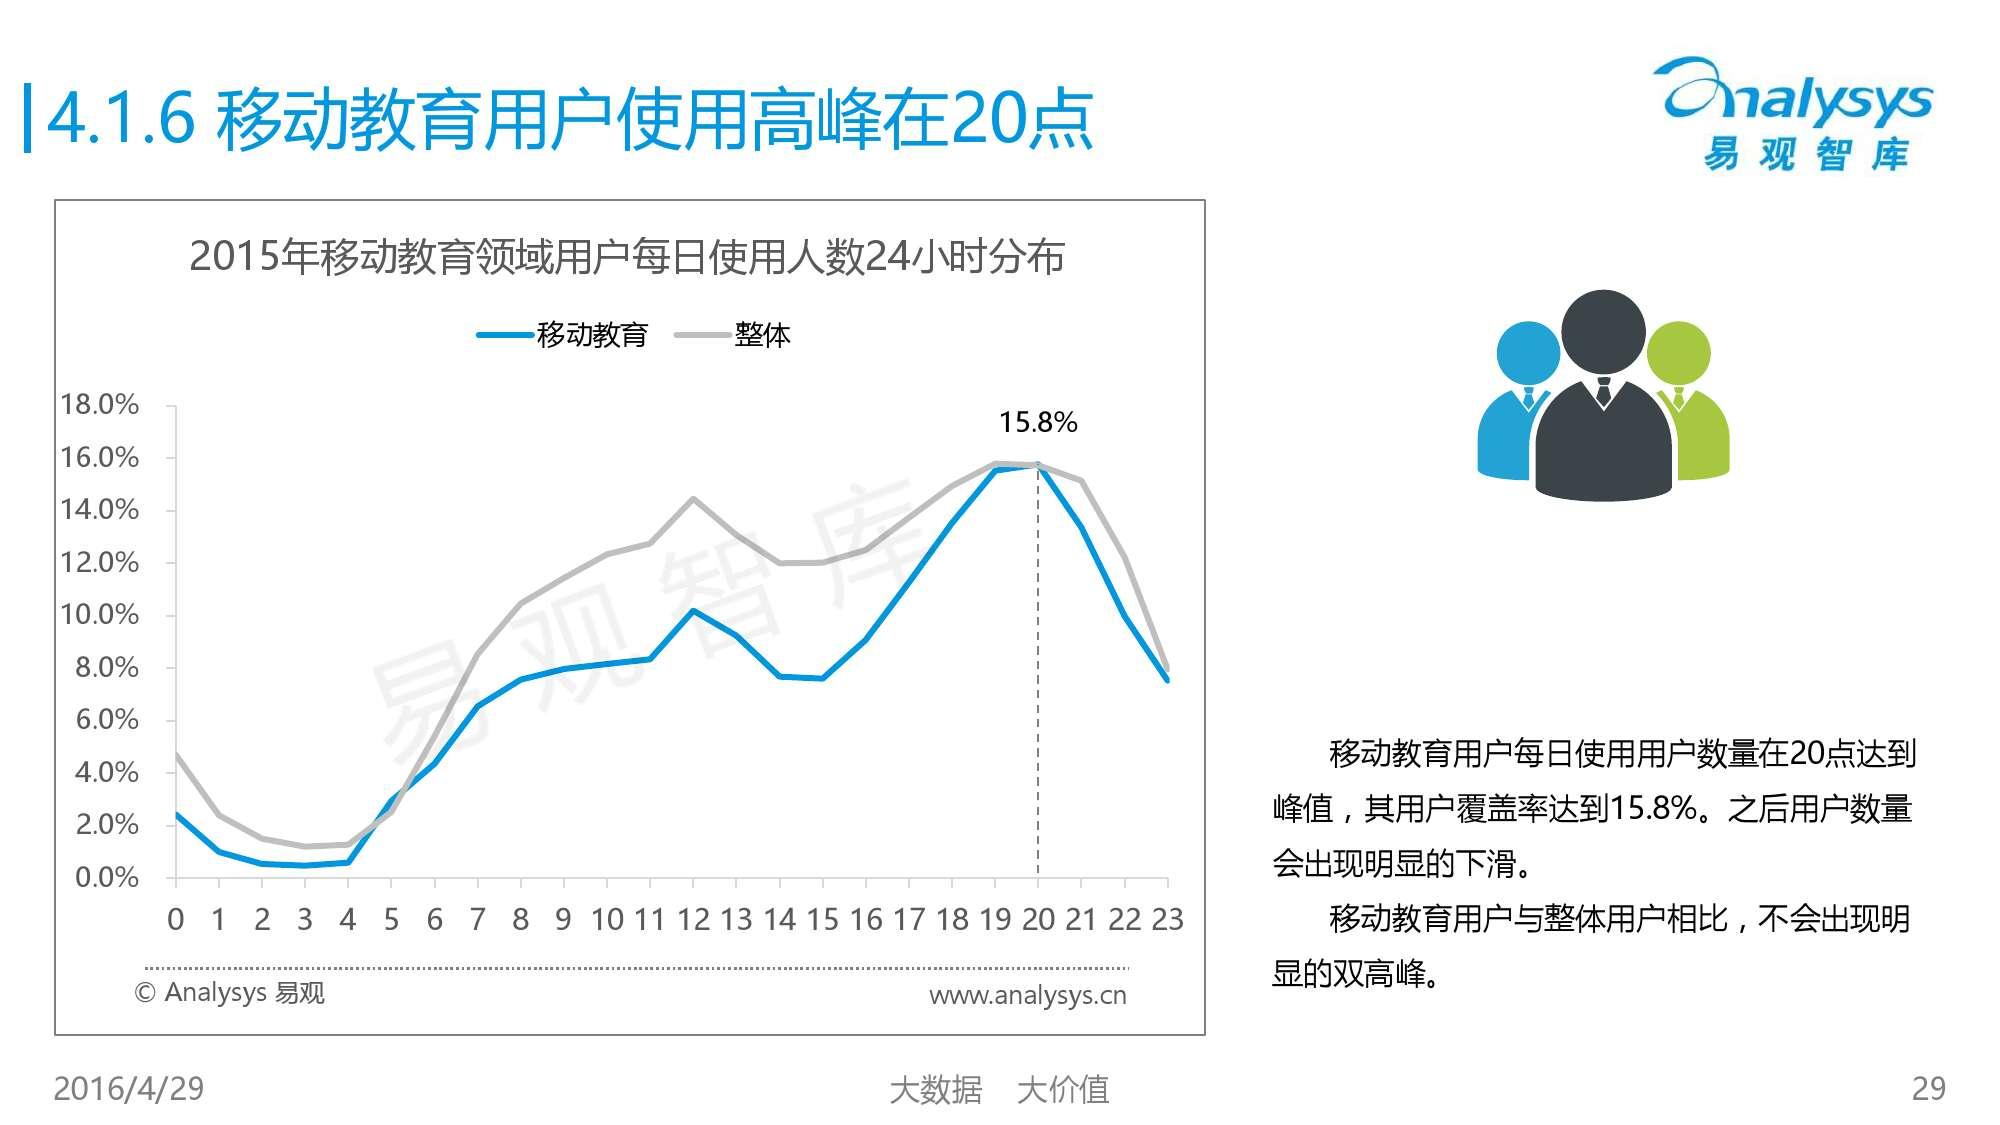 中国移动互联网用户行为统计报告2016_000029